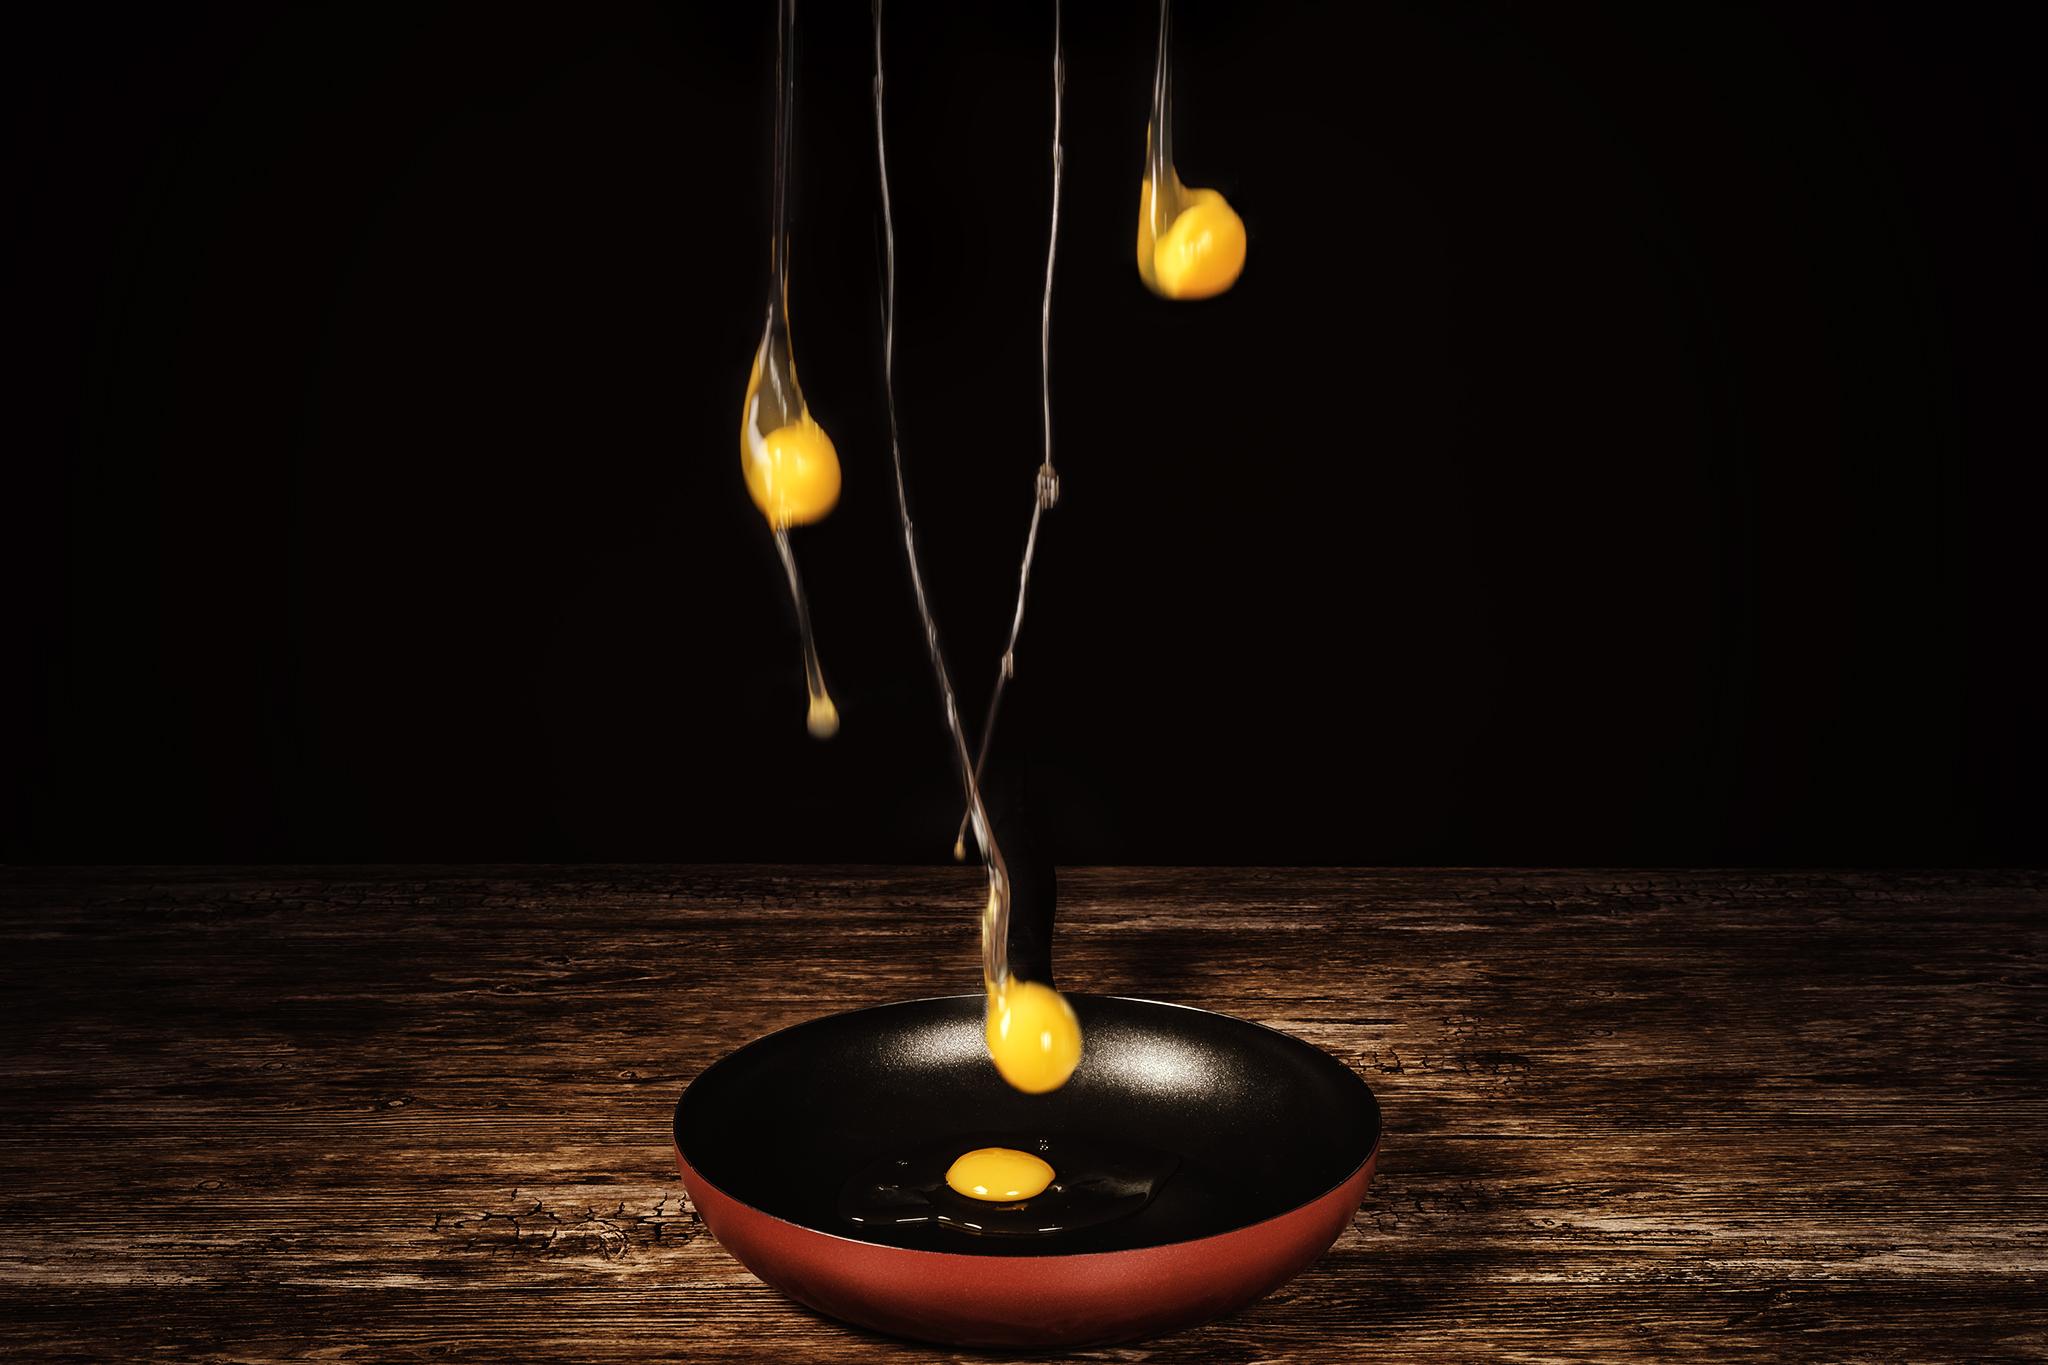 Le uova e il tegamino di Sergio Rapagnà